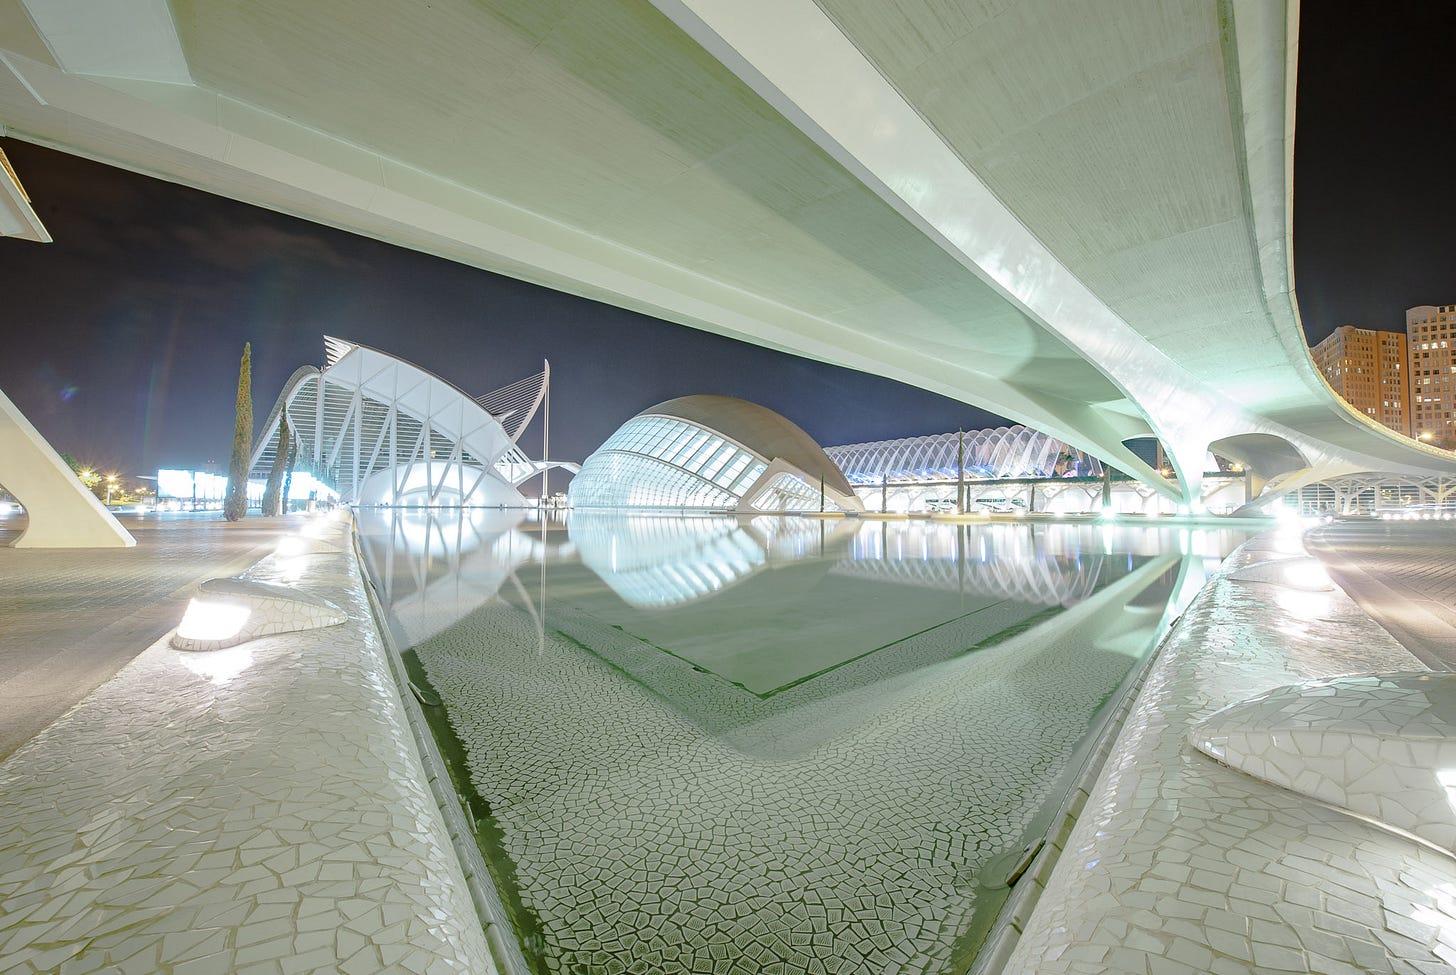 Ciudad de las Artes y las Ciencias - Valencia-DSC_2637-pete-carr-pete-carr.jpg